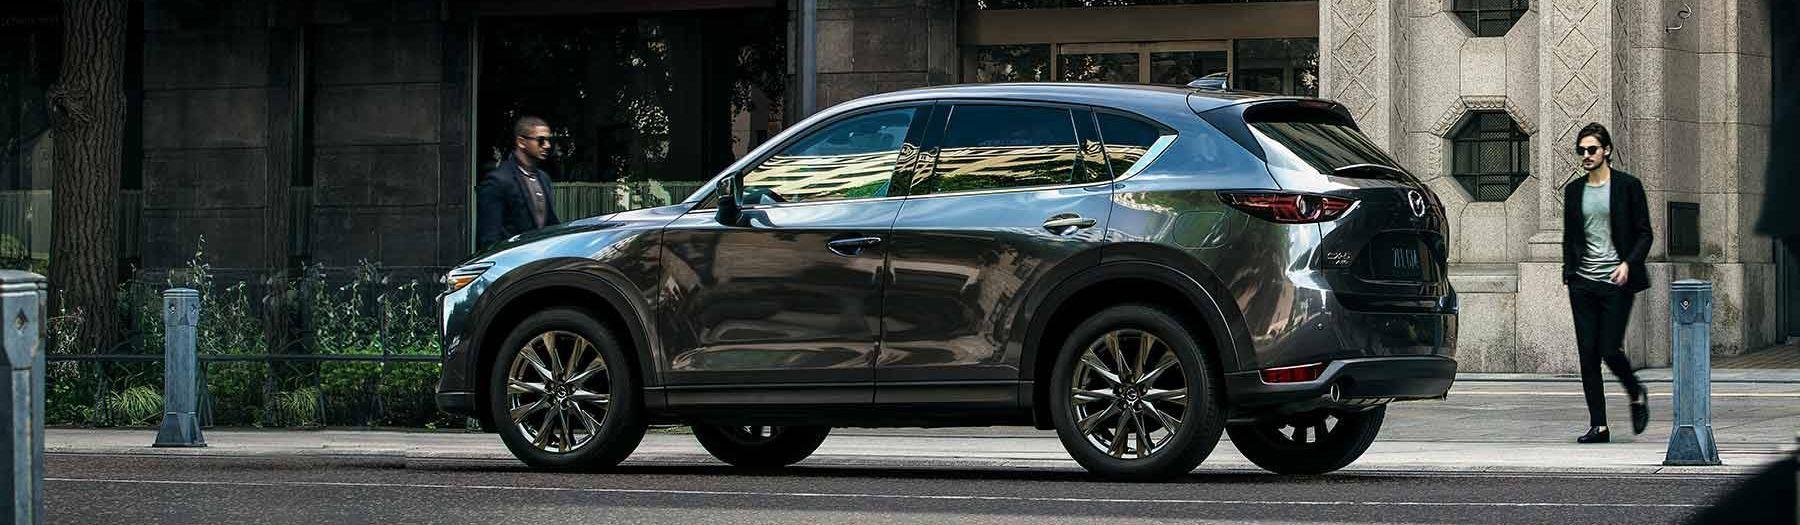 2019 Mazda CX-5 for Sale near Boerne, TX